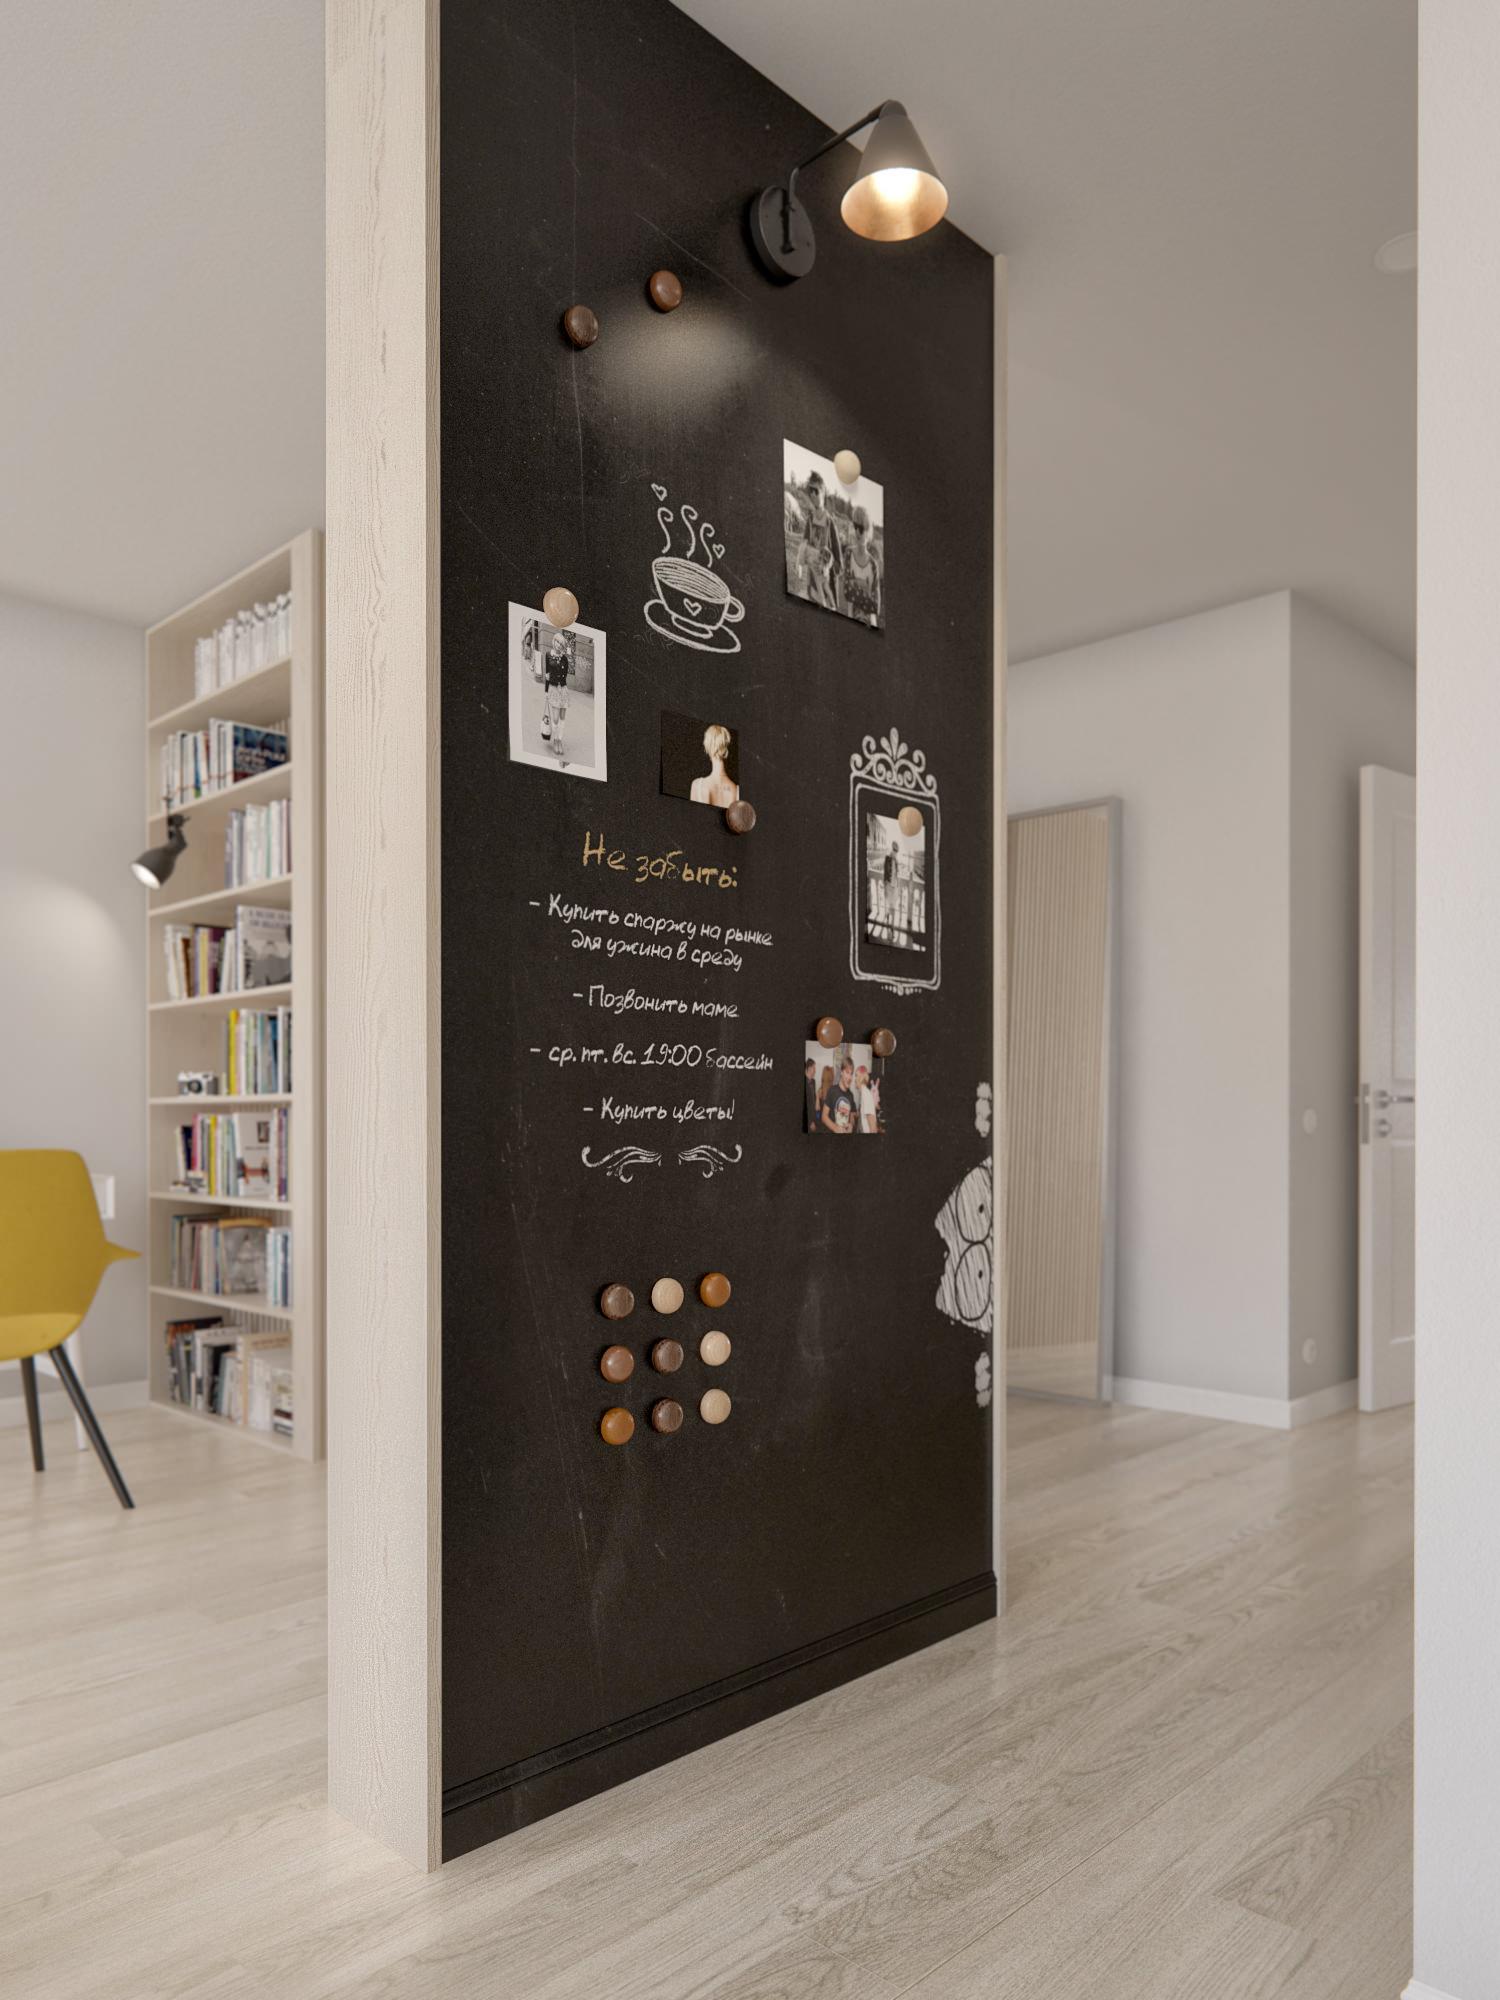 Краска графитовая для стен: где применяется магнитно-грифельная, меловая или грифельная краска в интерьере квартиры, как ее наносить